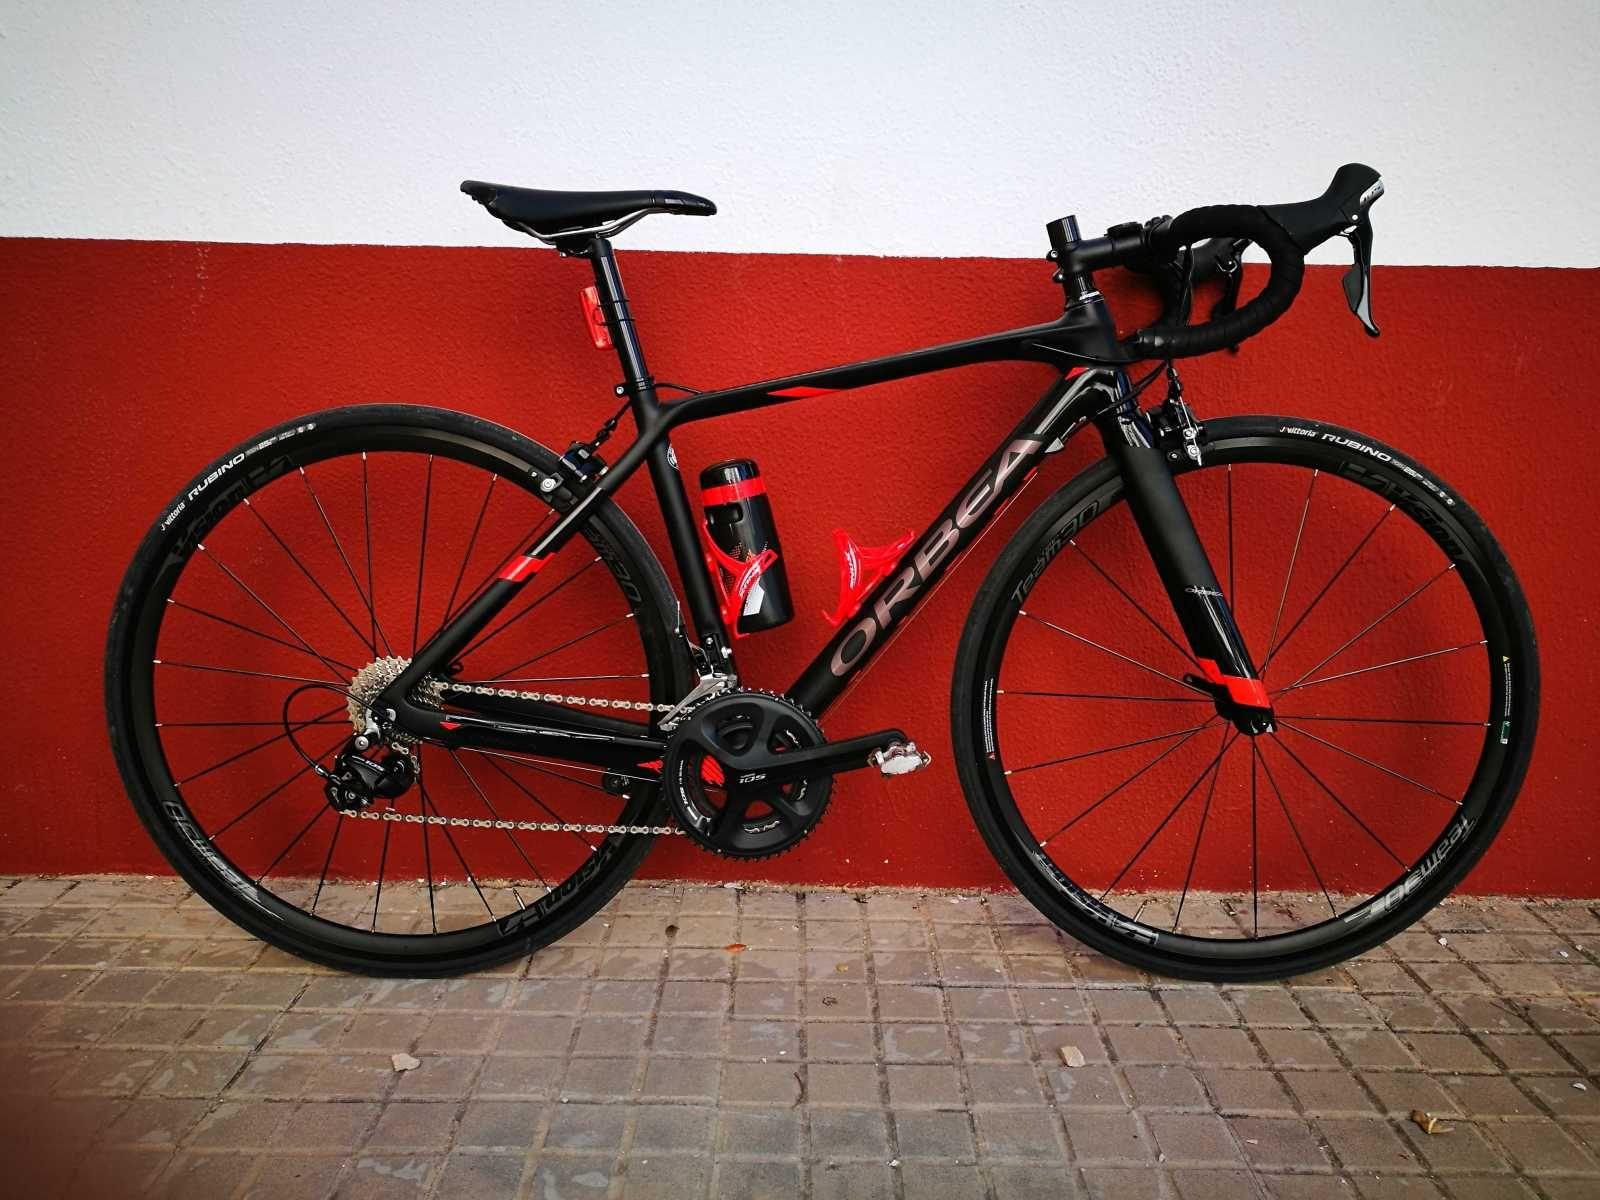 G120Ref37657Talla Orca 2017 Bicicleta De Carretera M30 Orbea 8vnm0OyNw